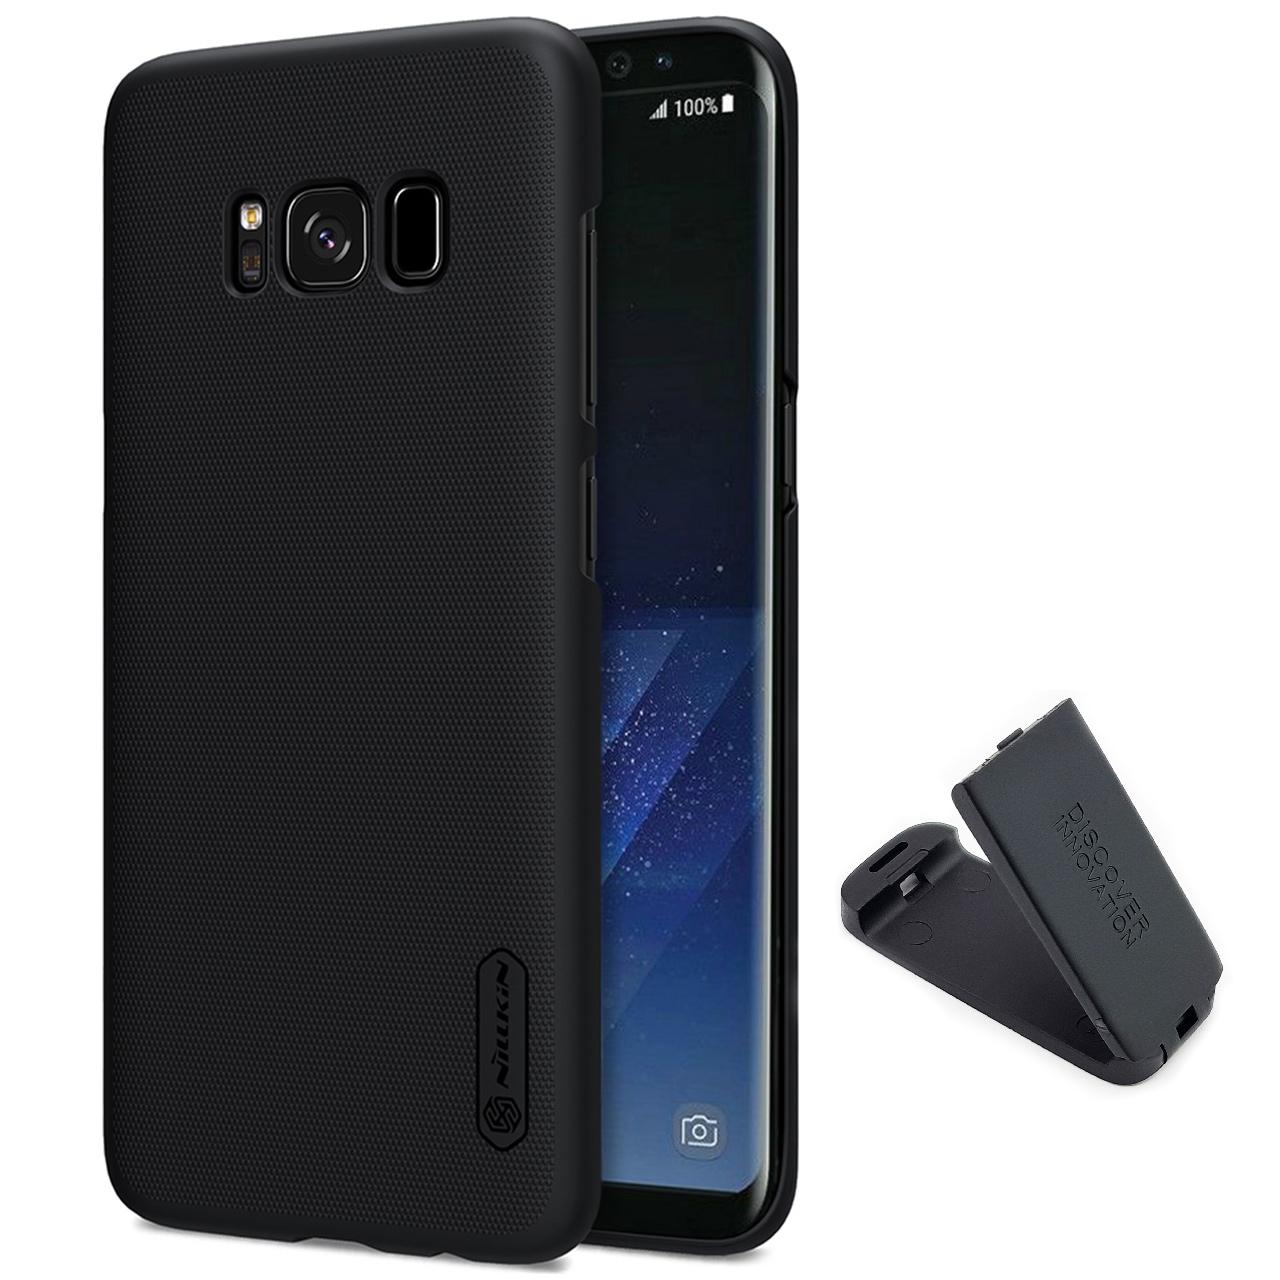 کاور نیلکین مدل Super Frosted Shield مناسب برای گوشی موبایل سامسونگ Galaxy S8  به همراه پایه نگهدارنده